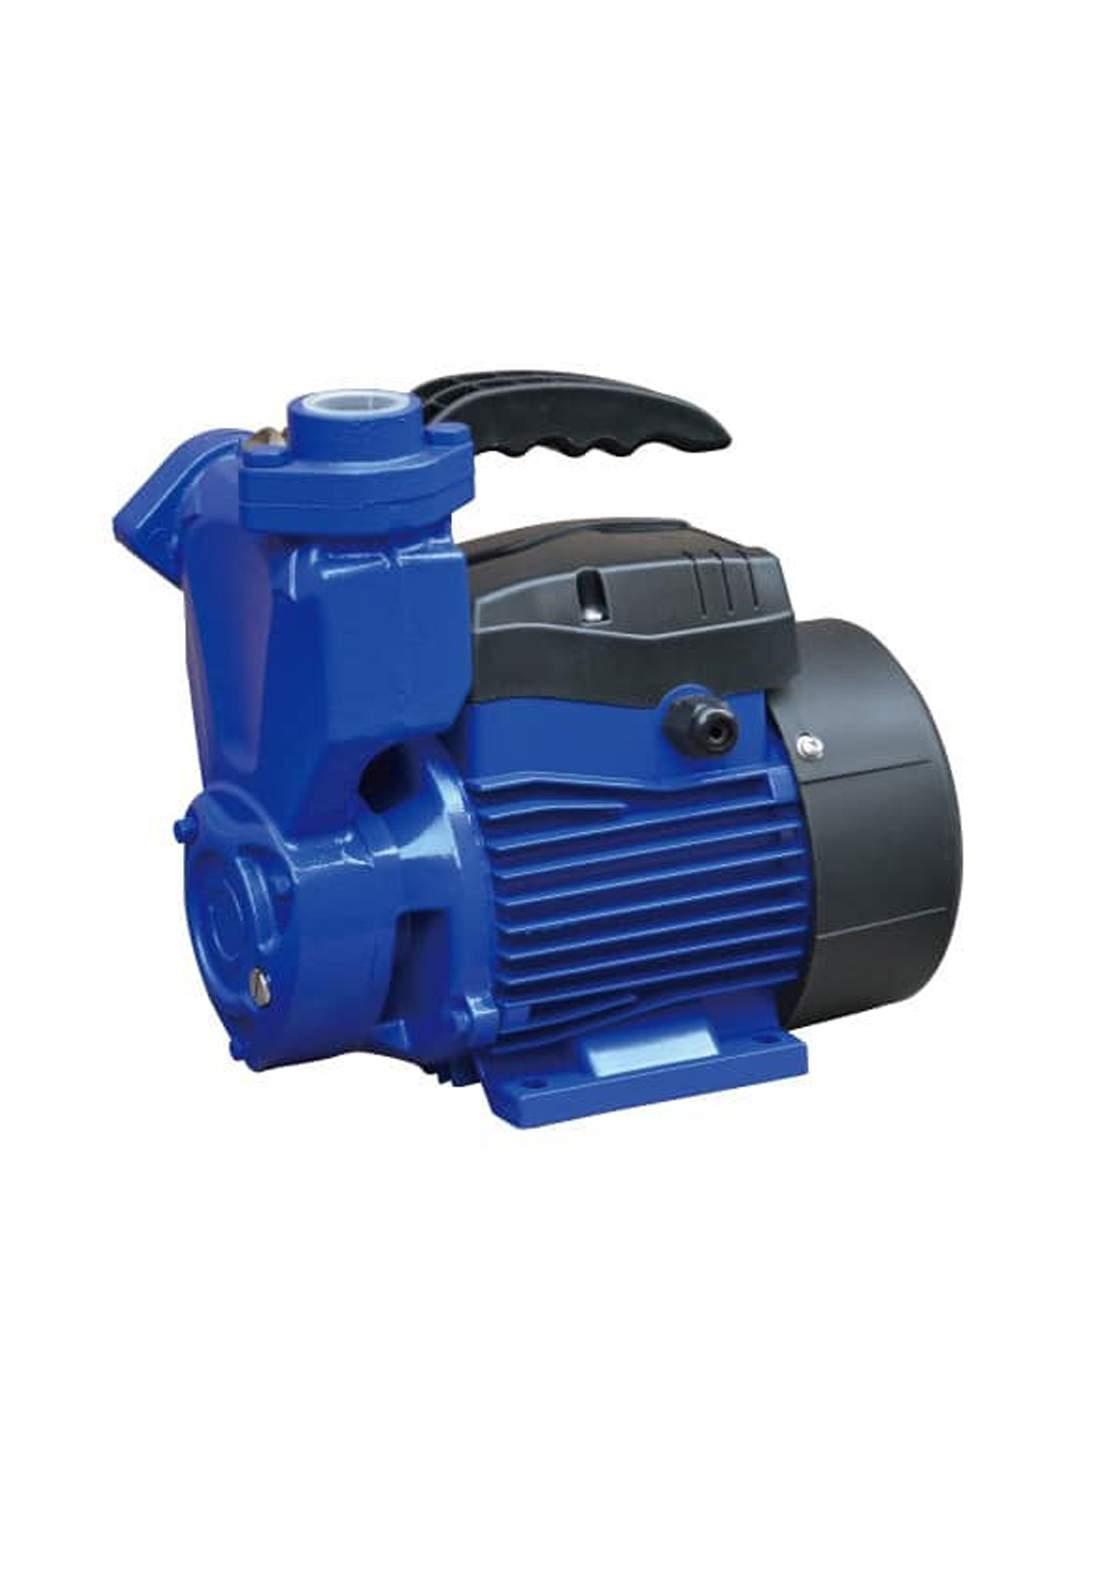 Sali 1WZB-45 Domestic Water Pump 3700 W 0.75HP ماطور مياه